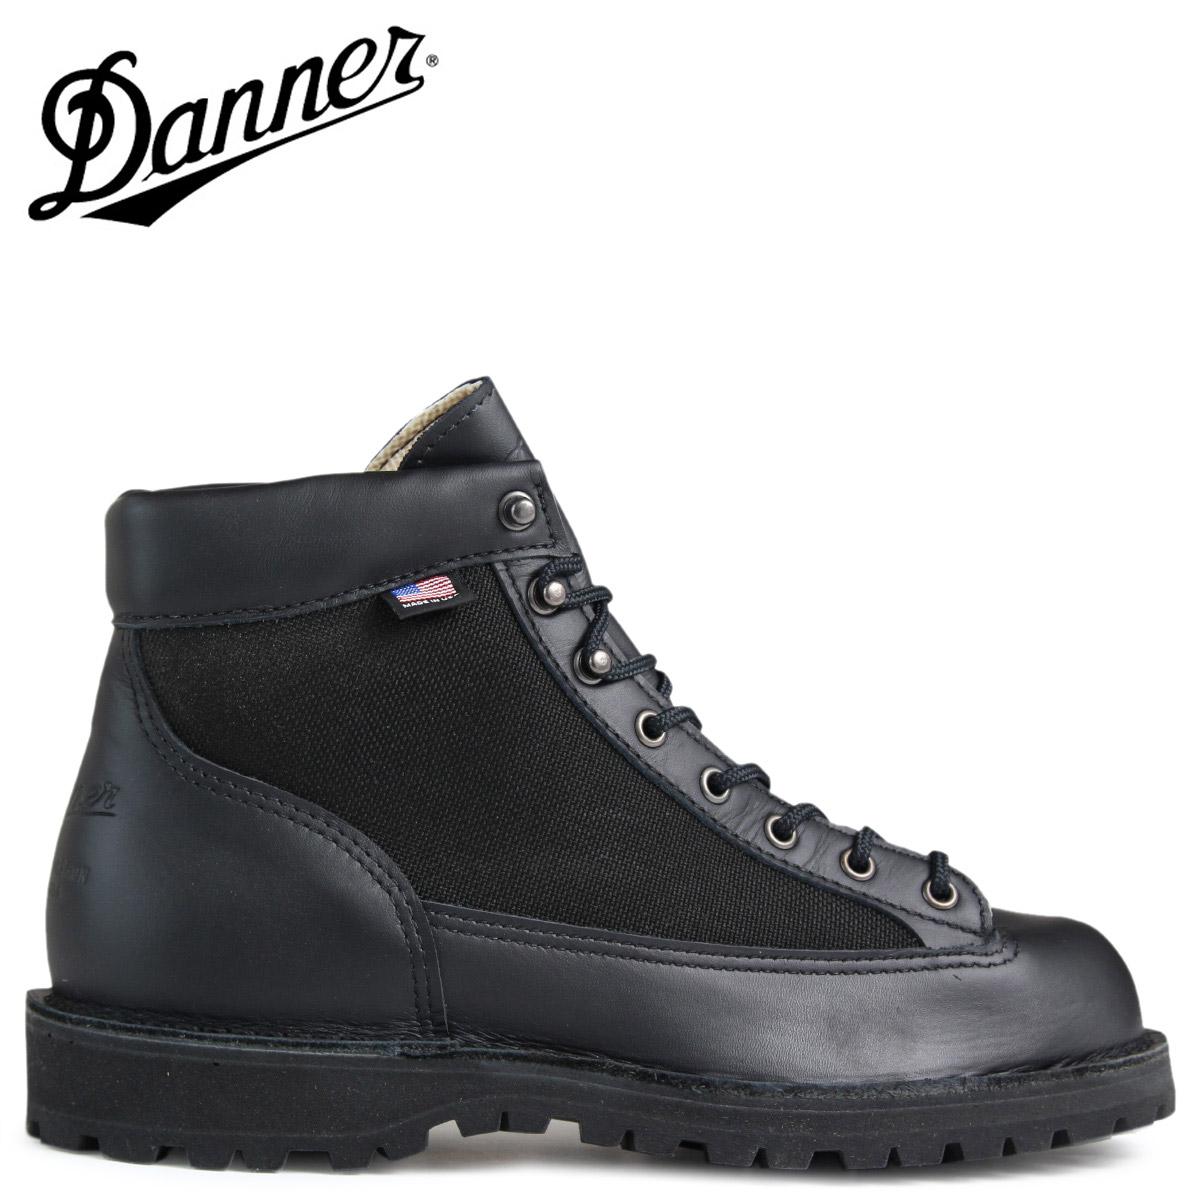 ダナー ダナーライト ブーツ Danner DANNER LIGHT 30465 MADE IN USA メンズ ブラック [予約商品 2/10頃入荷予定 再入荷]